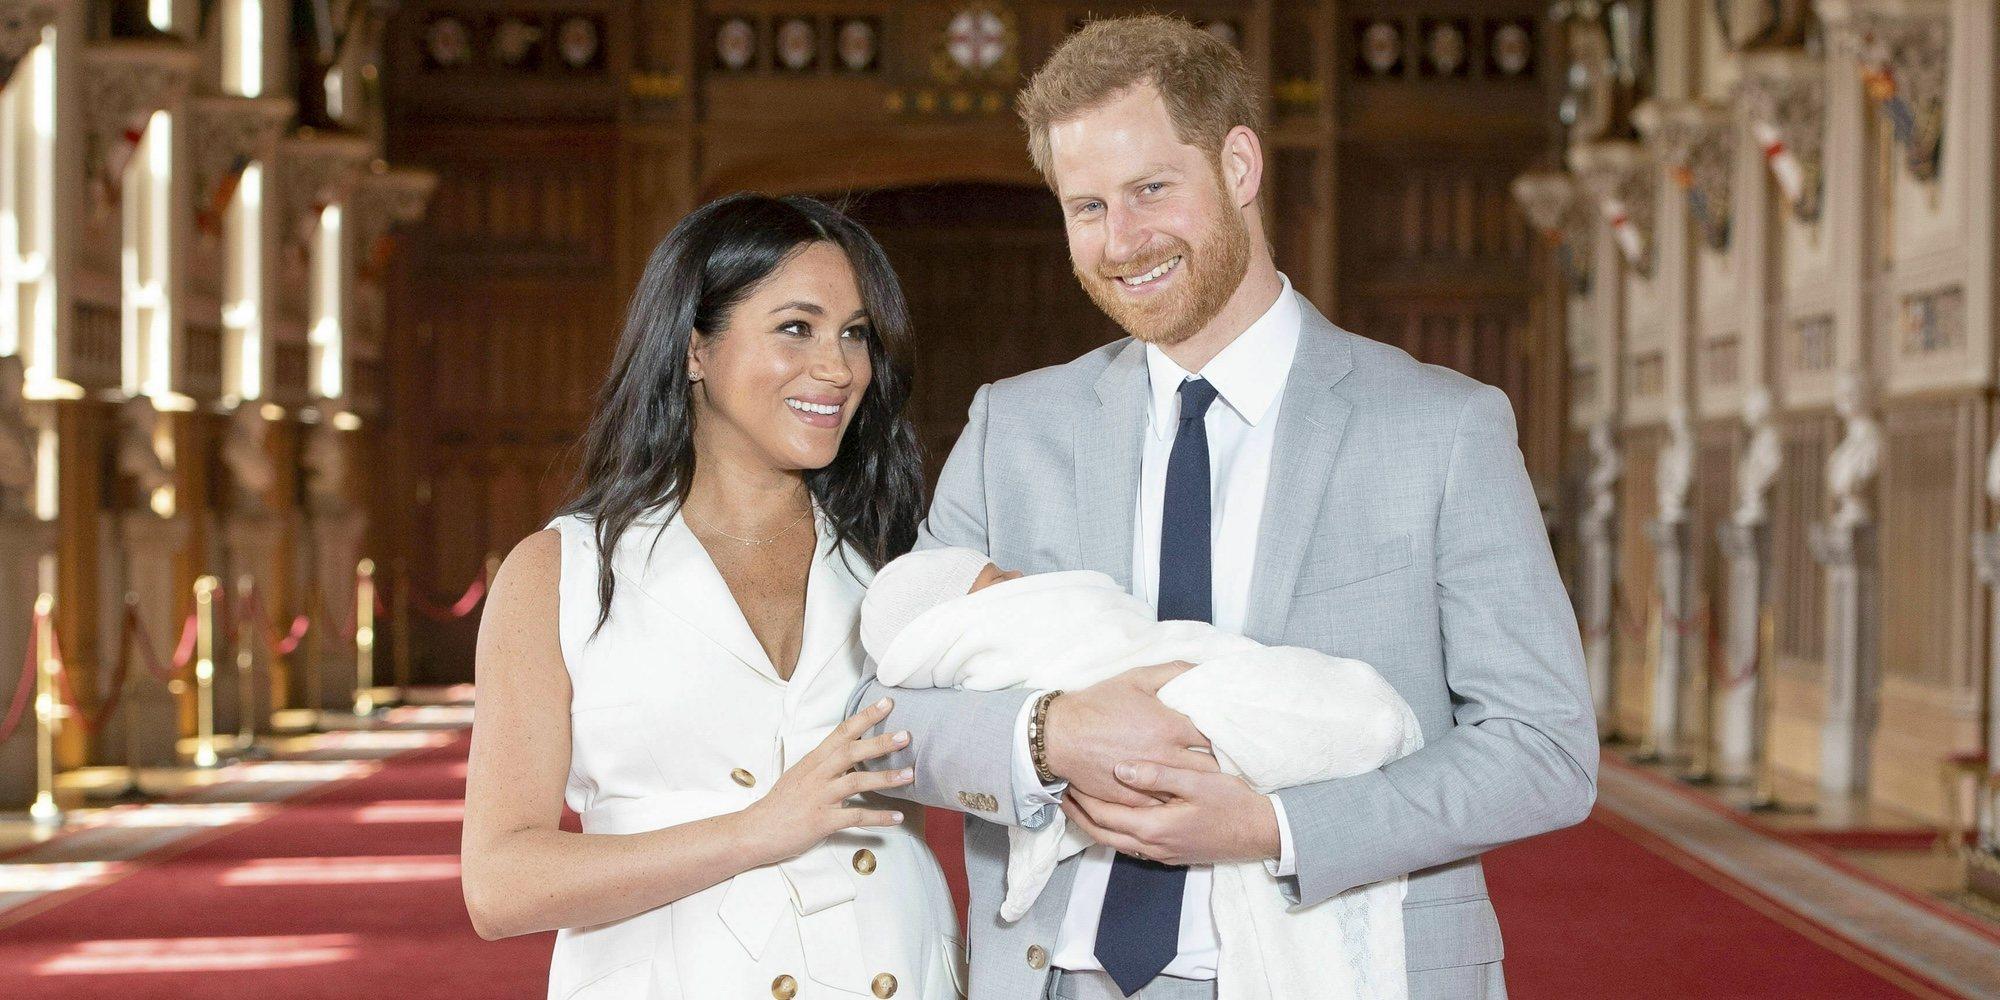 El plan low cost del Príncipe Harry y Meghan Markle con su hijo Archie Harrison